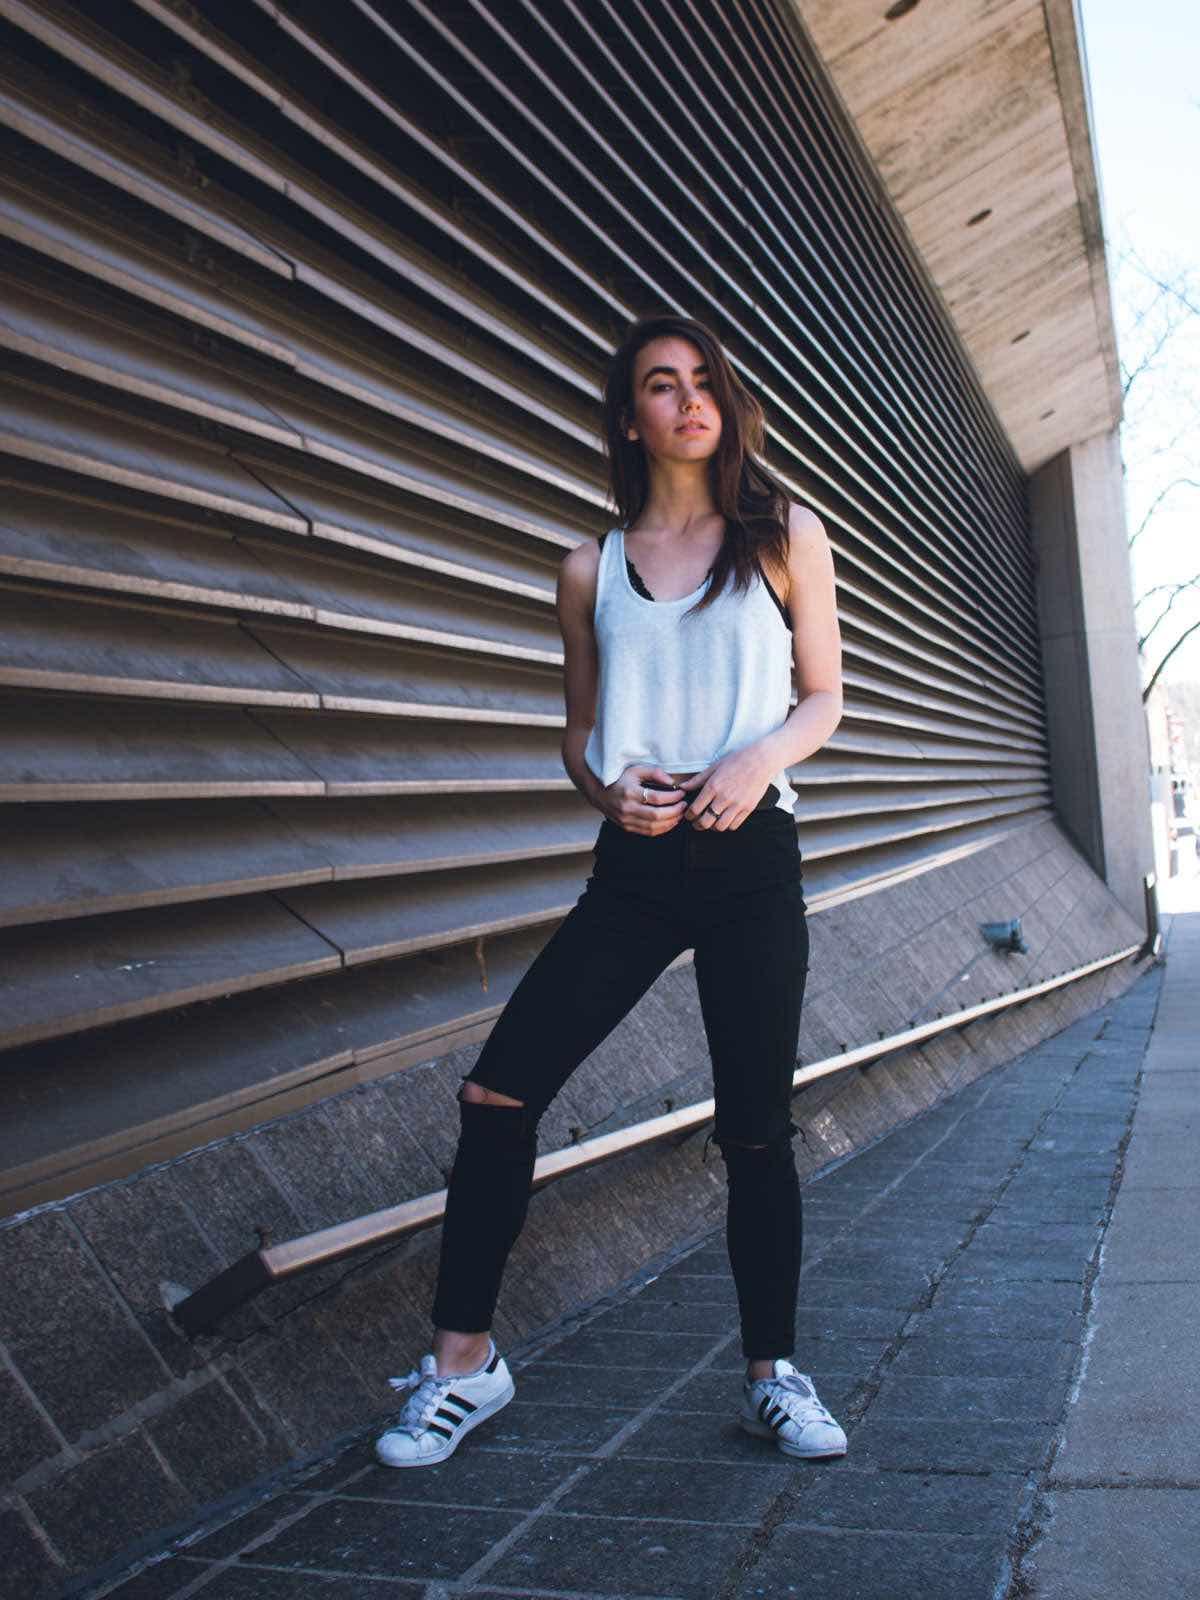 sce-agency-female-model-julia-s-6aa